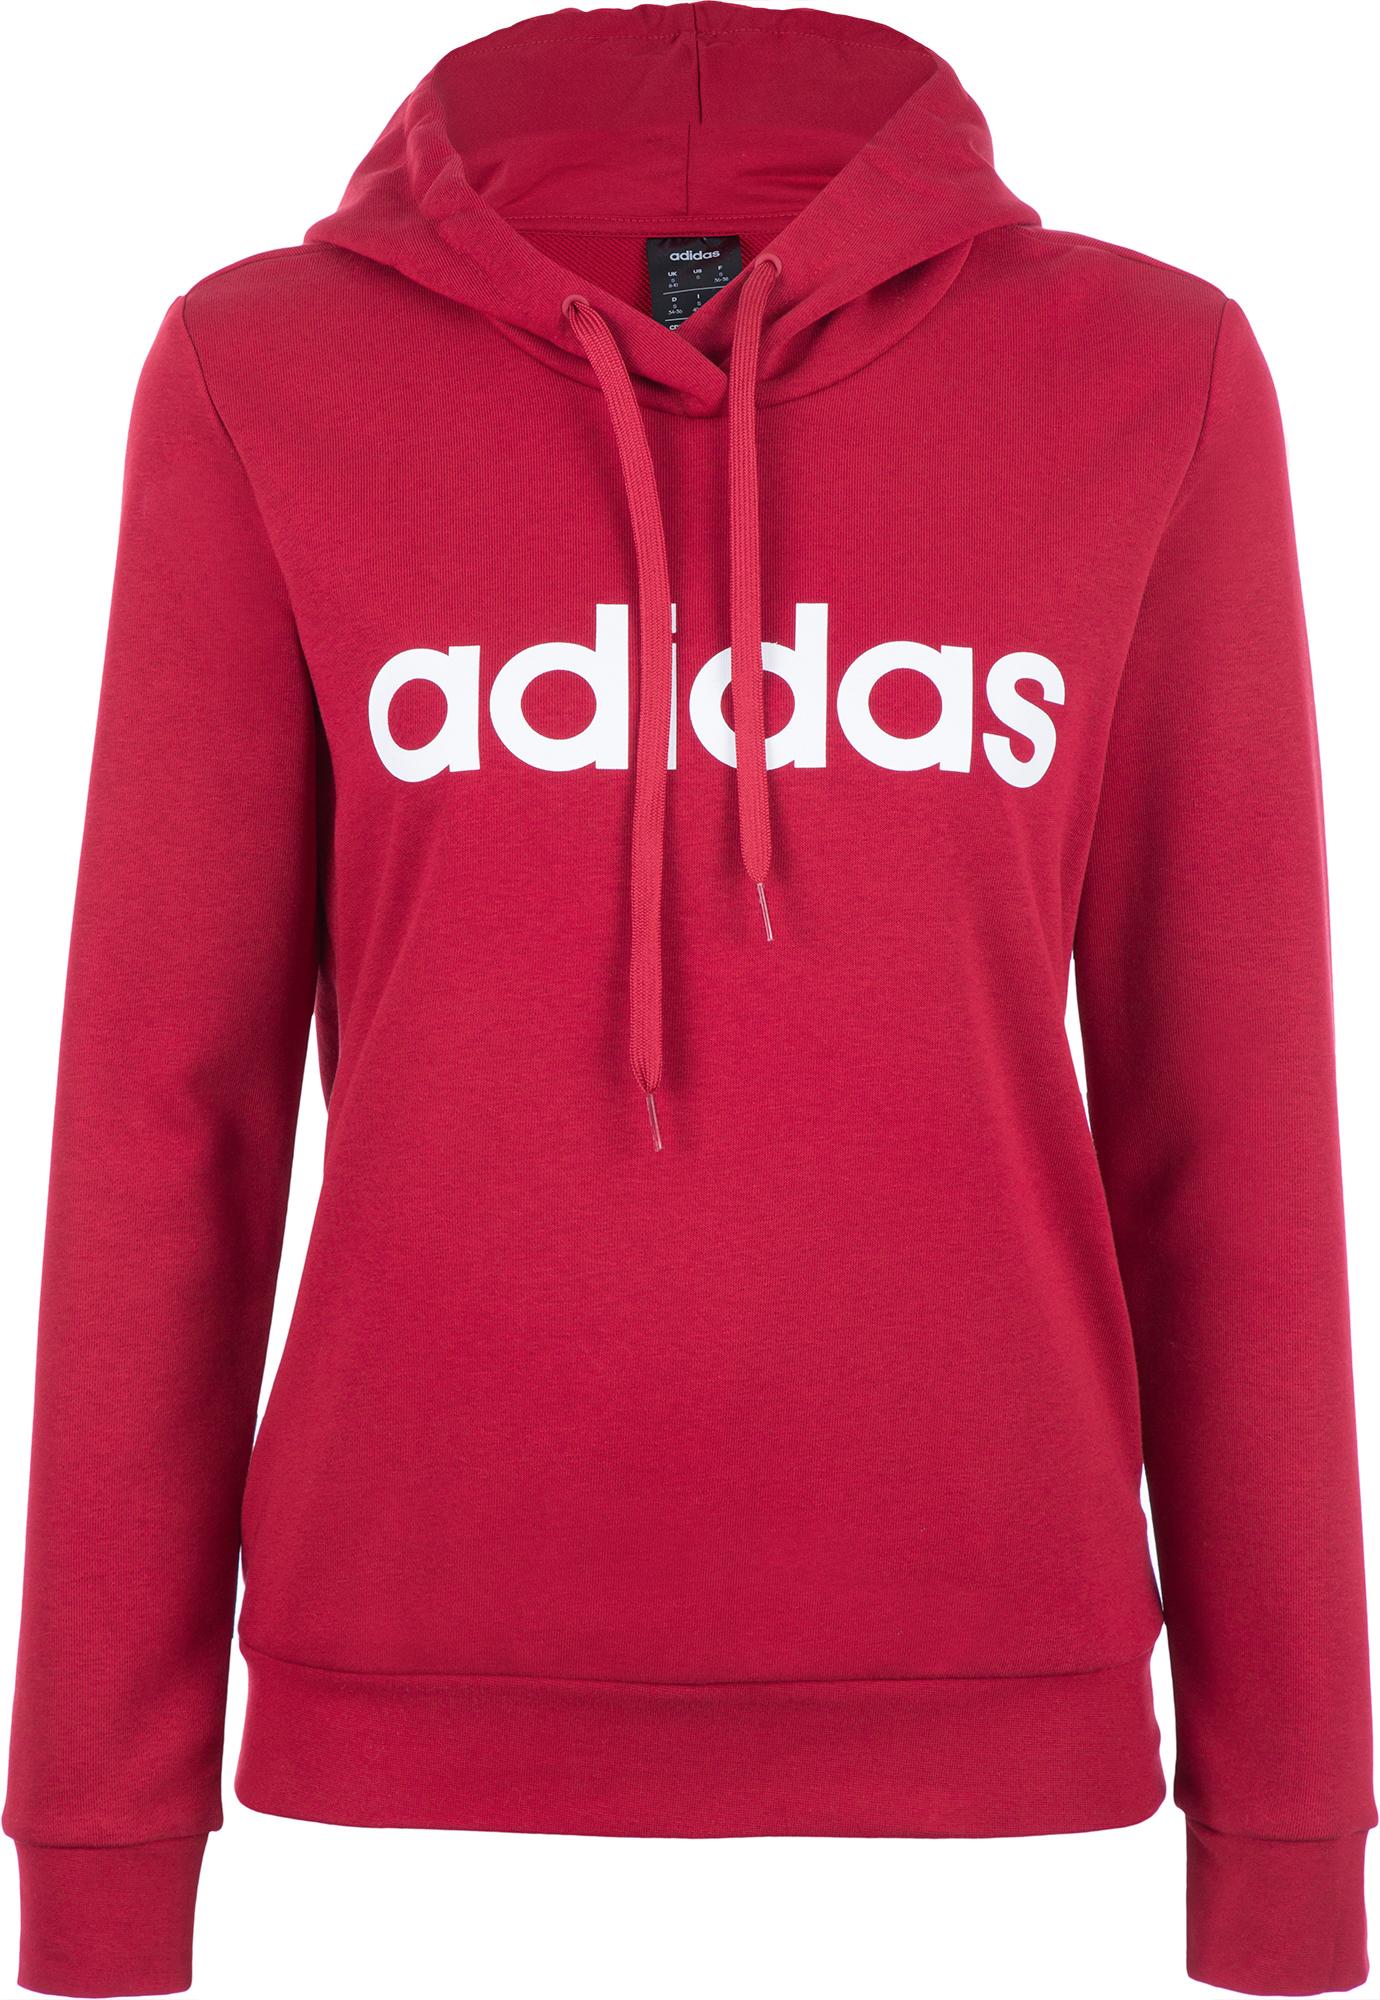 Adidas Худи женская Essentials Linear, размер 54-56